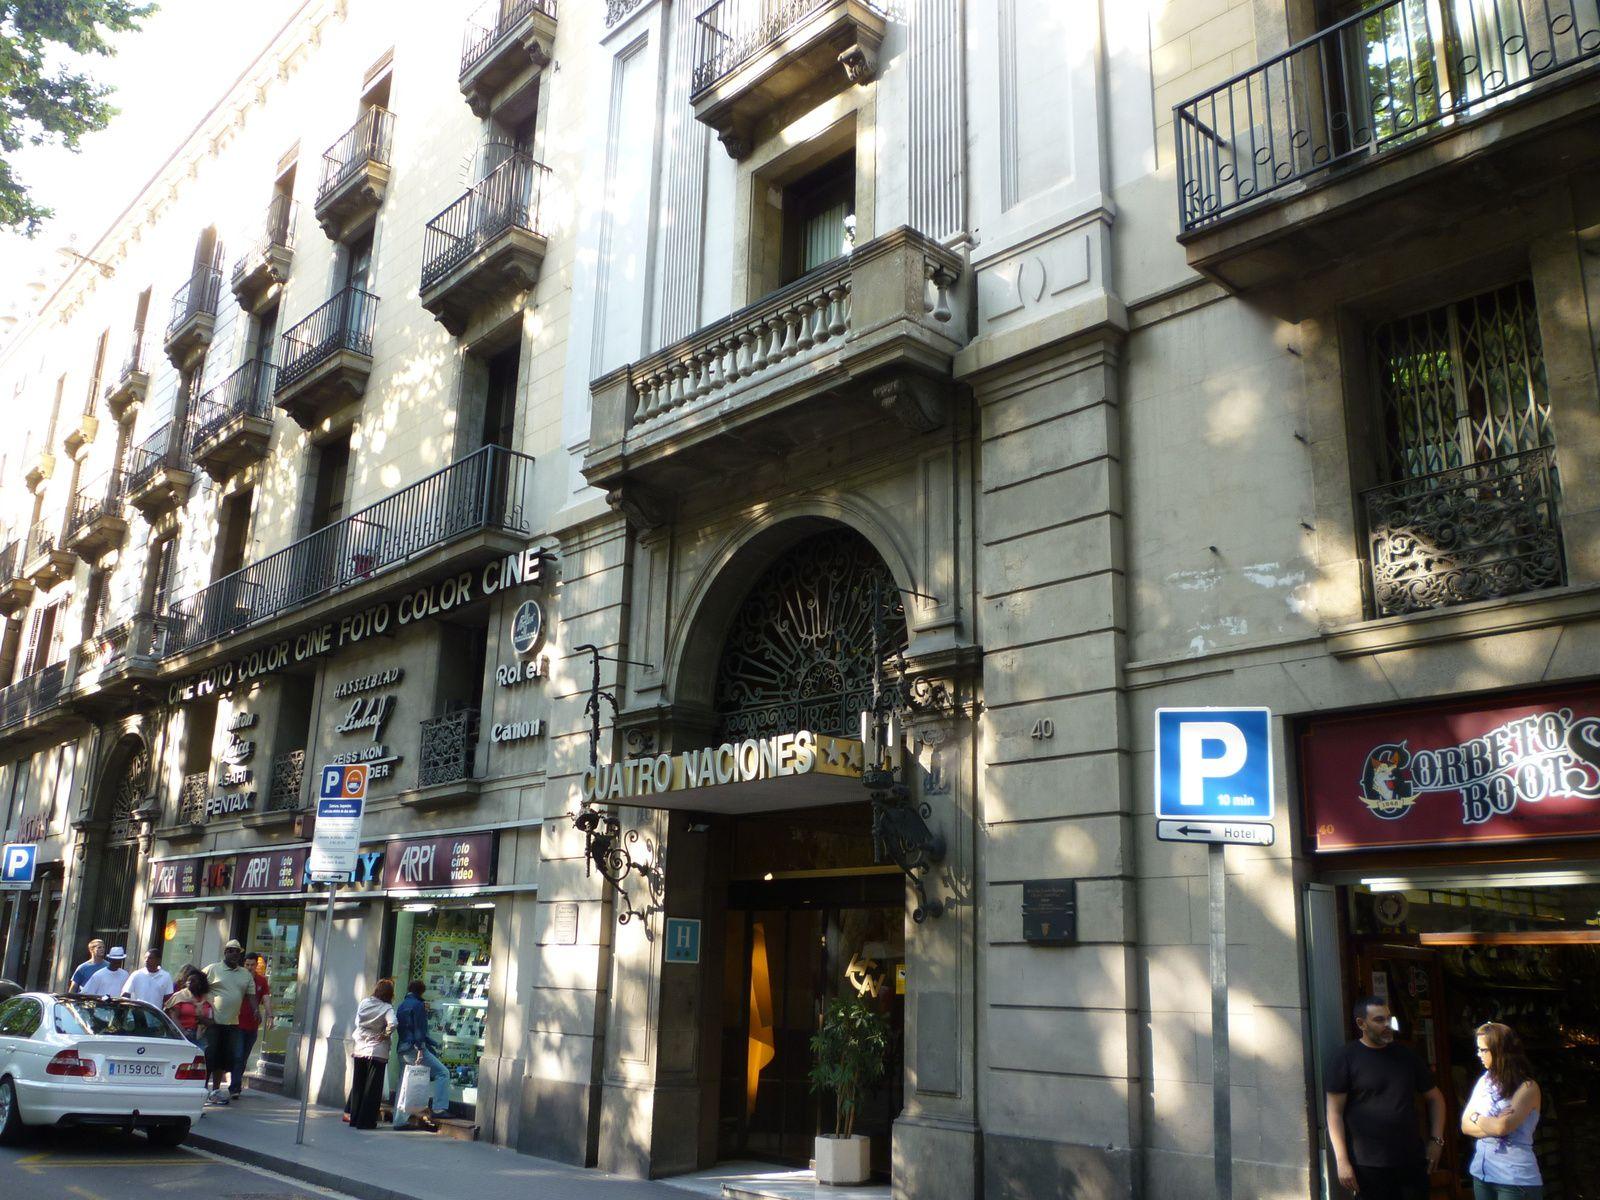 Façade de l'hôtel des Quatre nations (Barcelone) où George Sand et Chopin séjournèrent en novembre 1838.